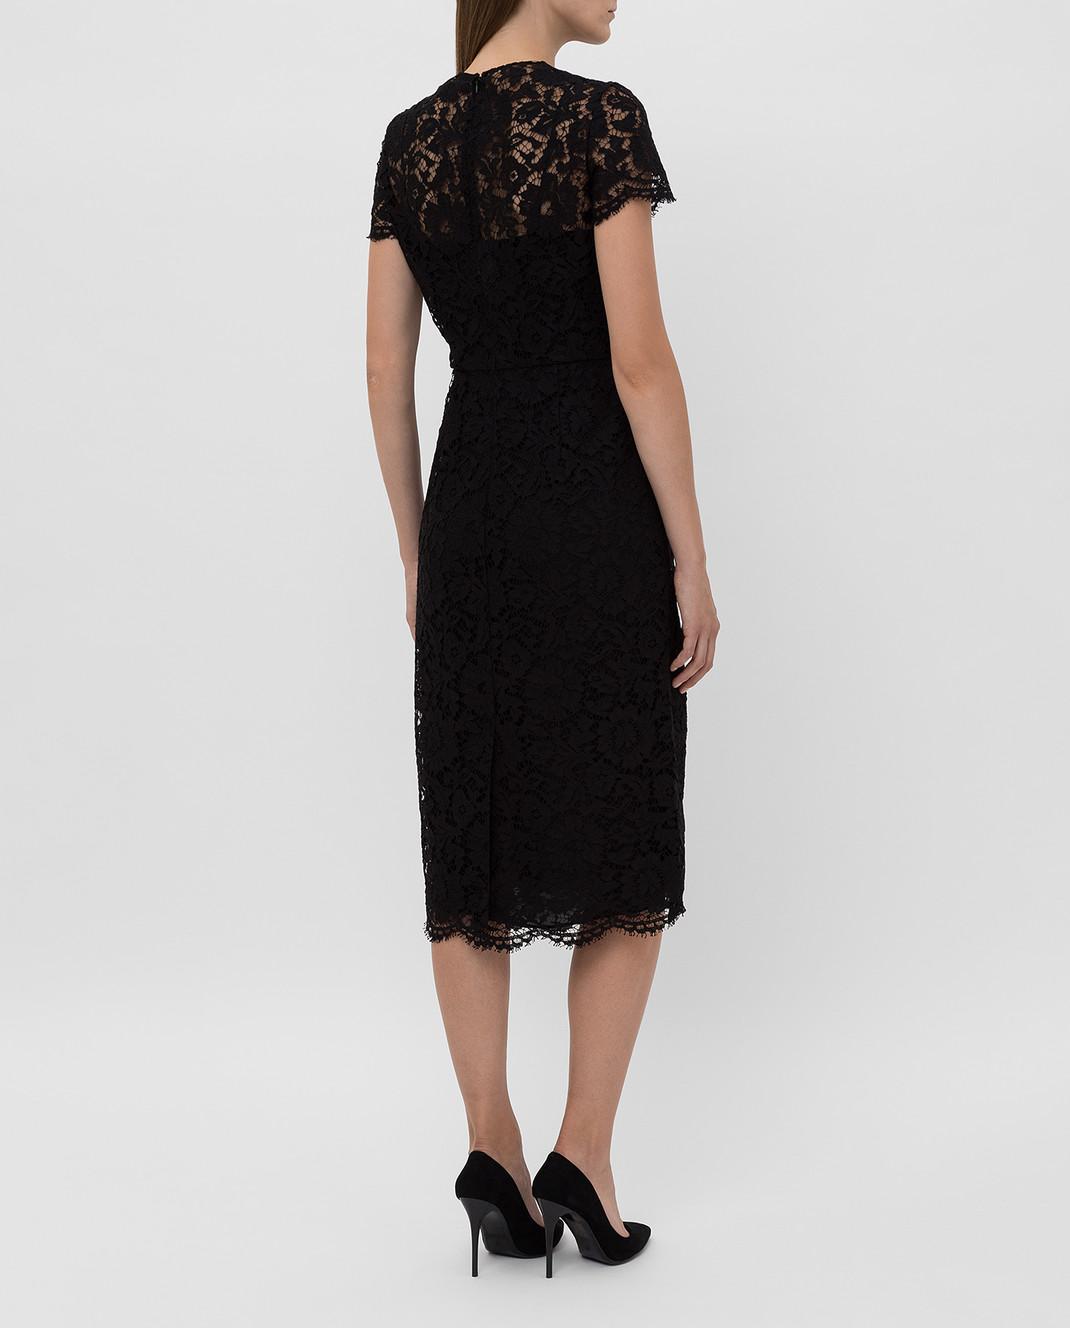 Valentino Черное платье из кружева SB3VABP51EC изображение 4